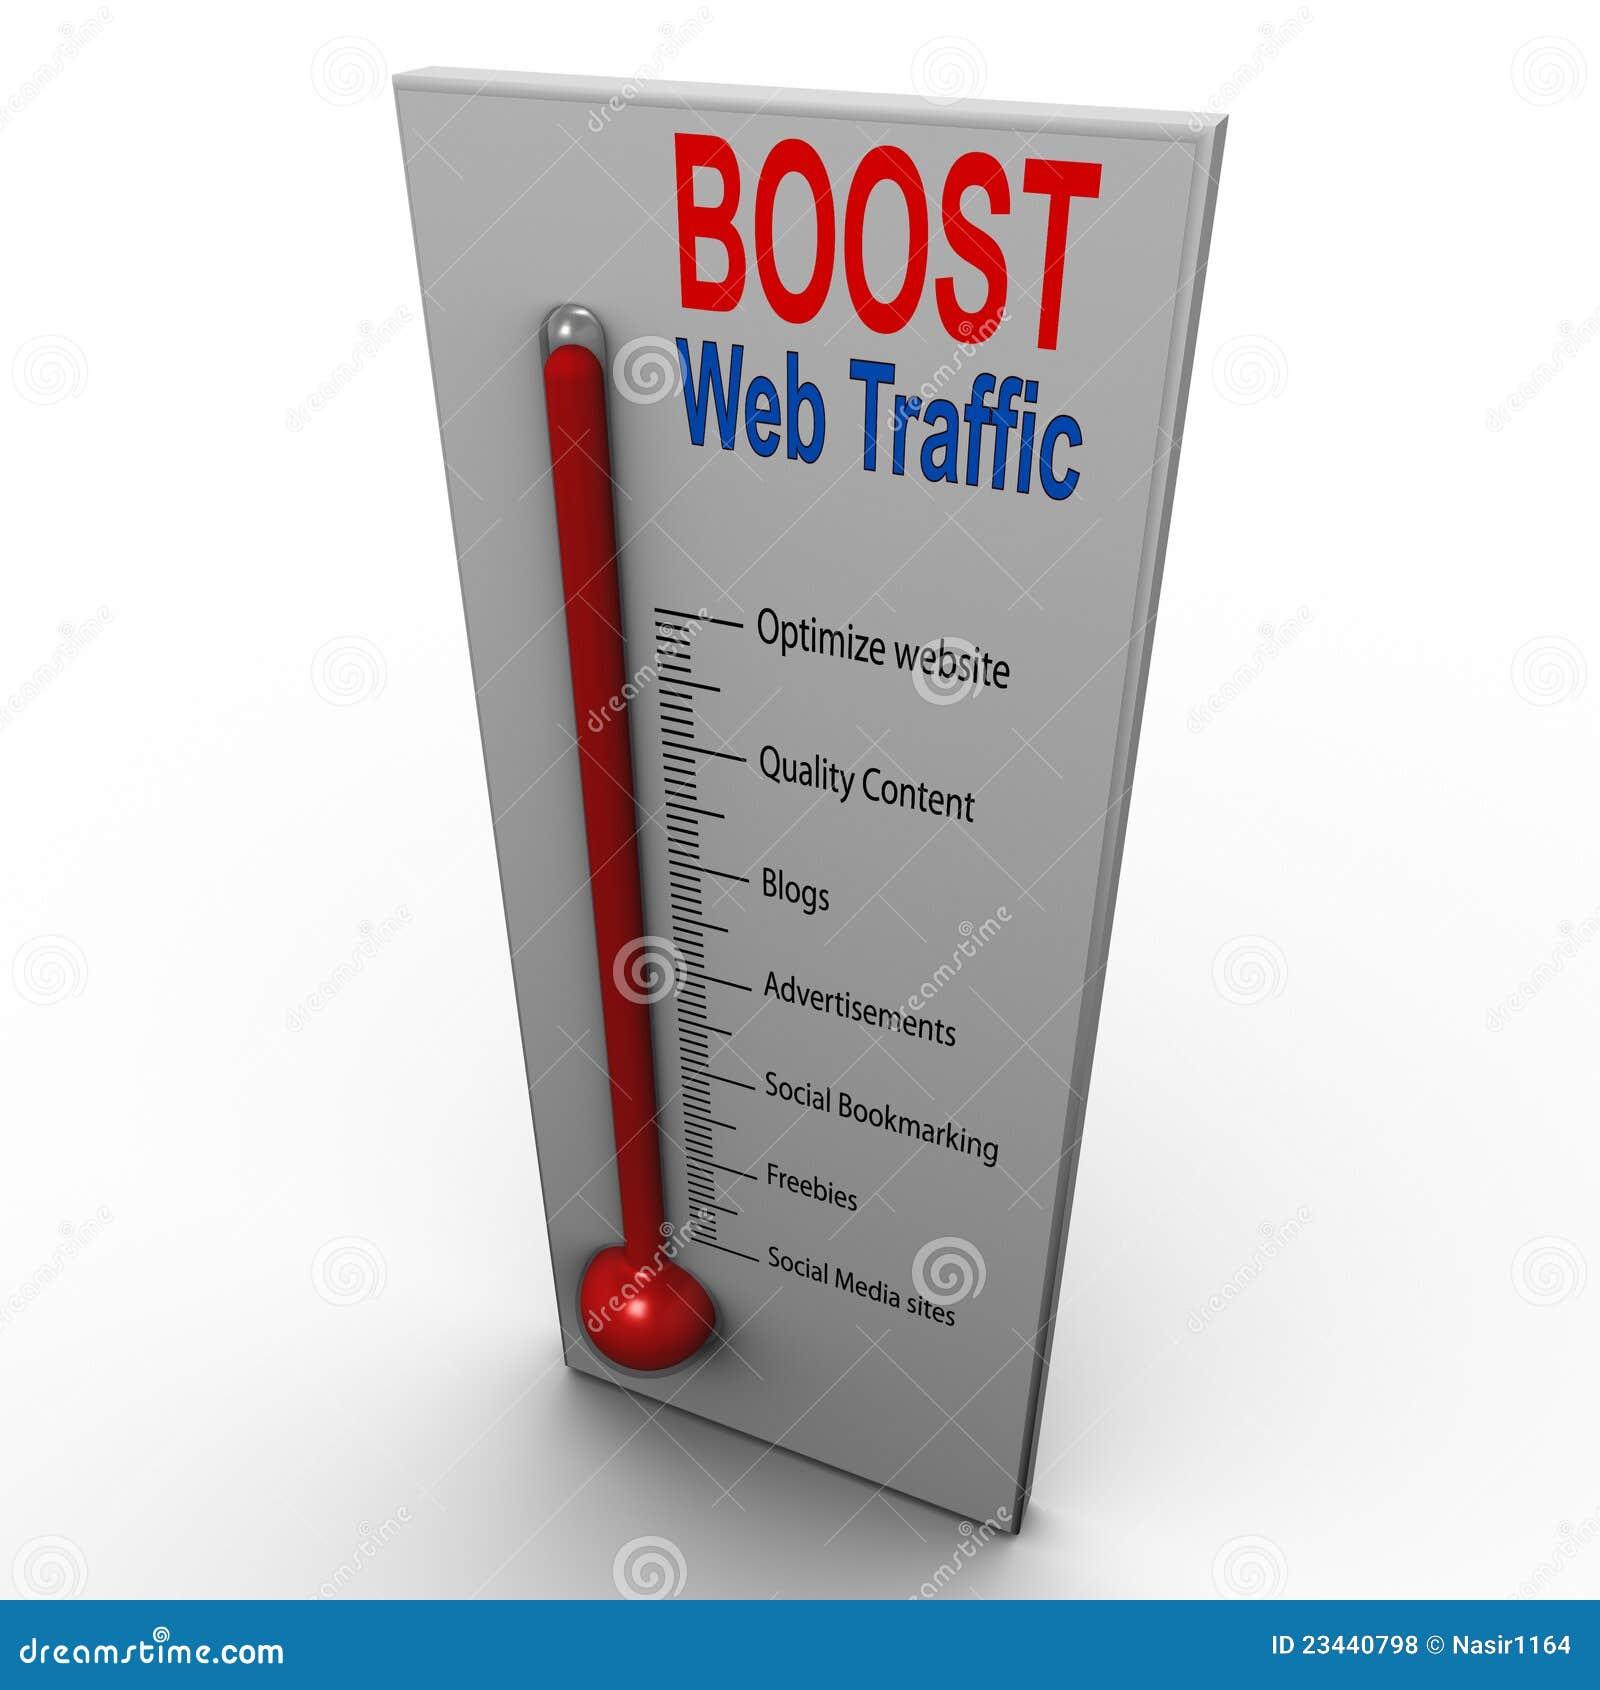 Boost web traffic